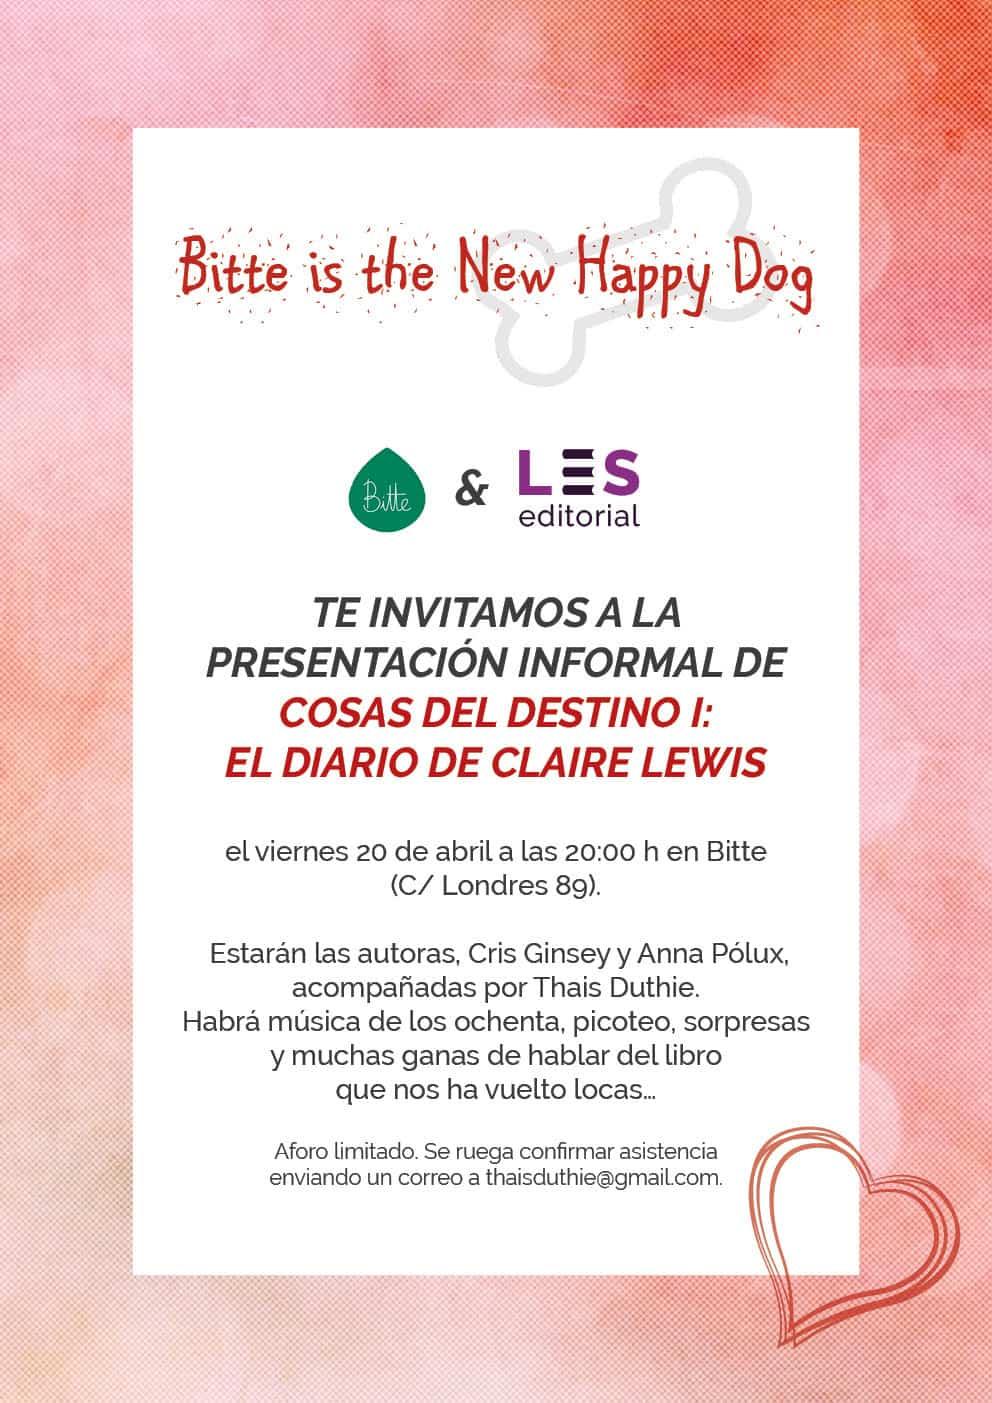 cosas del destino - Presentación de 'Cosas del destino I: El diario de Claire Lewis' en Barcelona